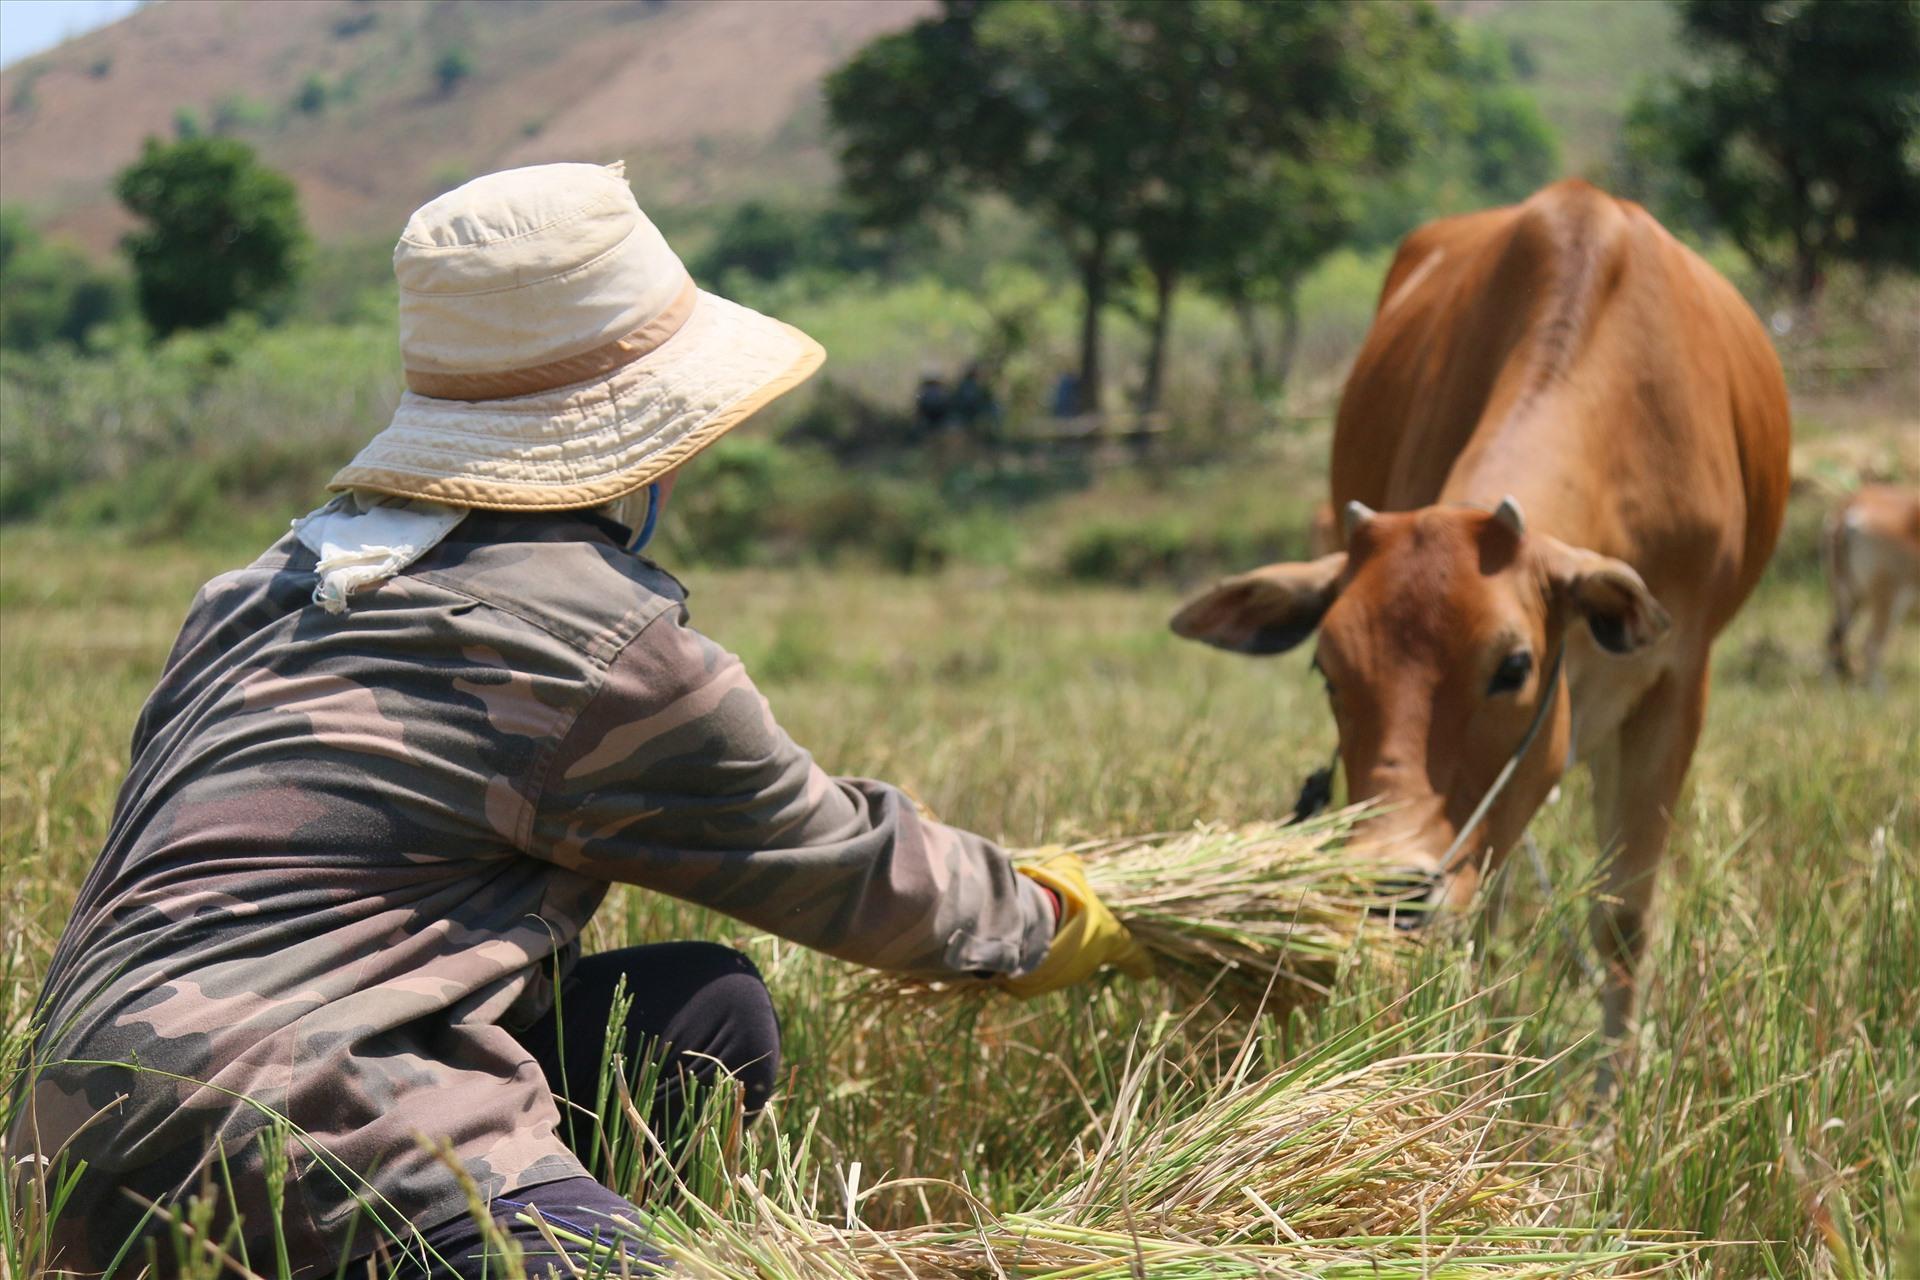 Thời điểm hiện tại, không chỉ người dân ở xã Cư Pui cắt lúa chết khô cho bò ăn, một số xã khác trong huyện cũng chung tình cảnh tương tự.